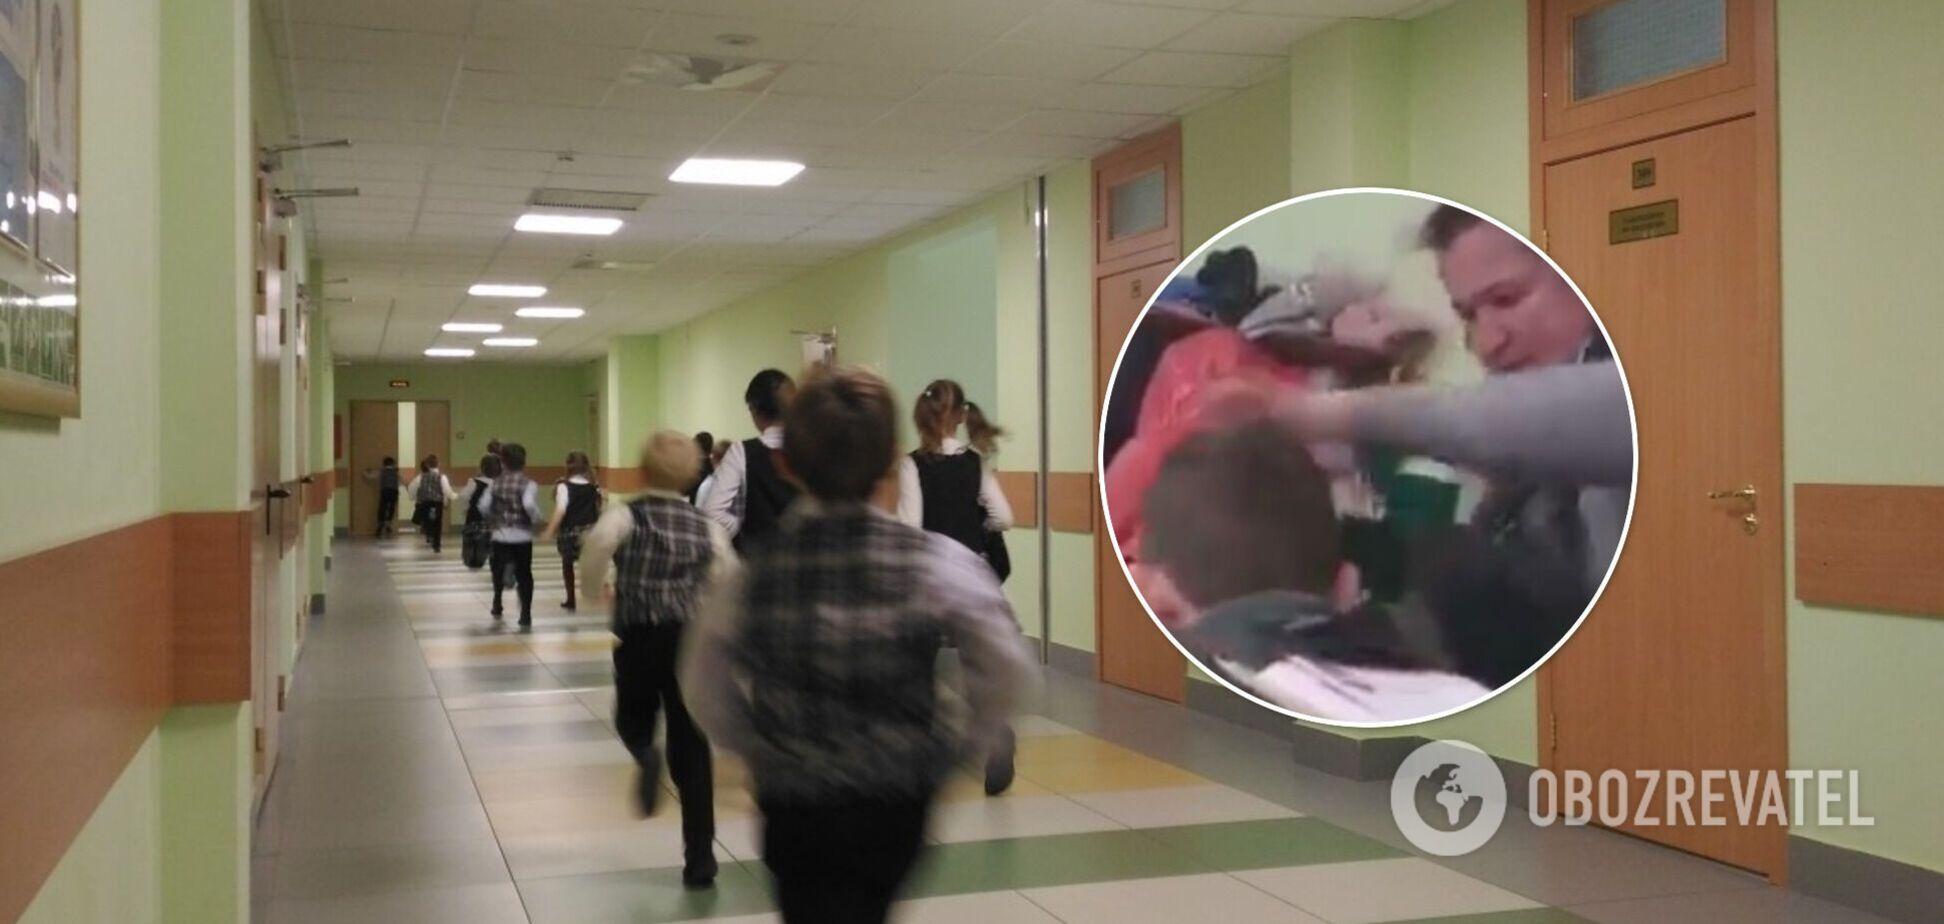 На Закарпатті вчителька схопила за волосся дитину та трусила її через помилку в зошиті. Відео